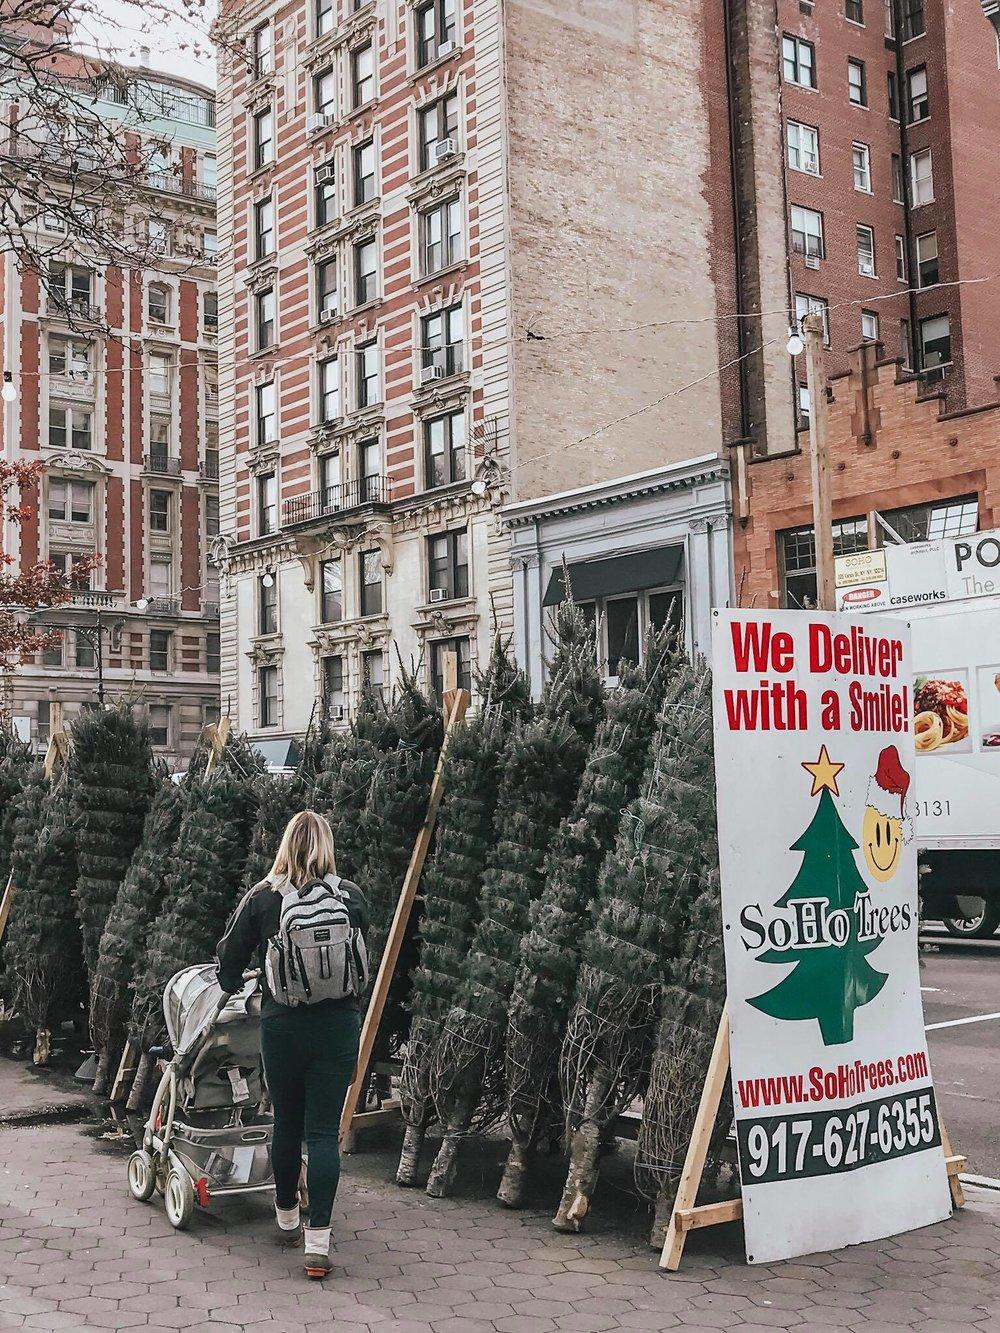 Christmas Tree shipping in SOHO